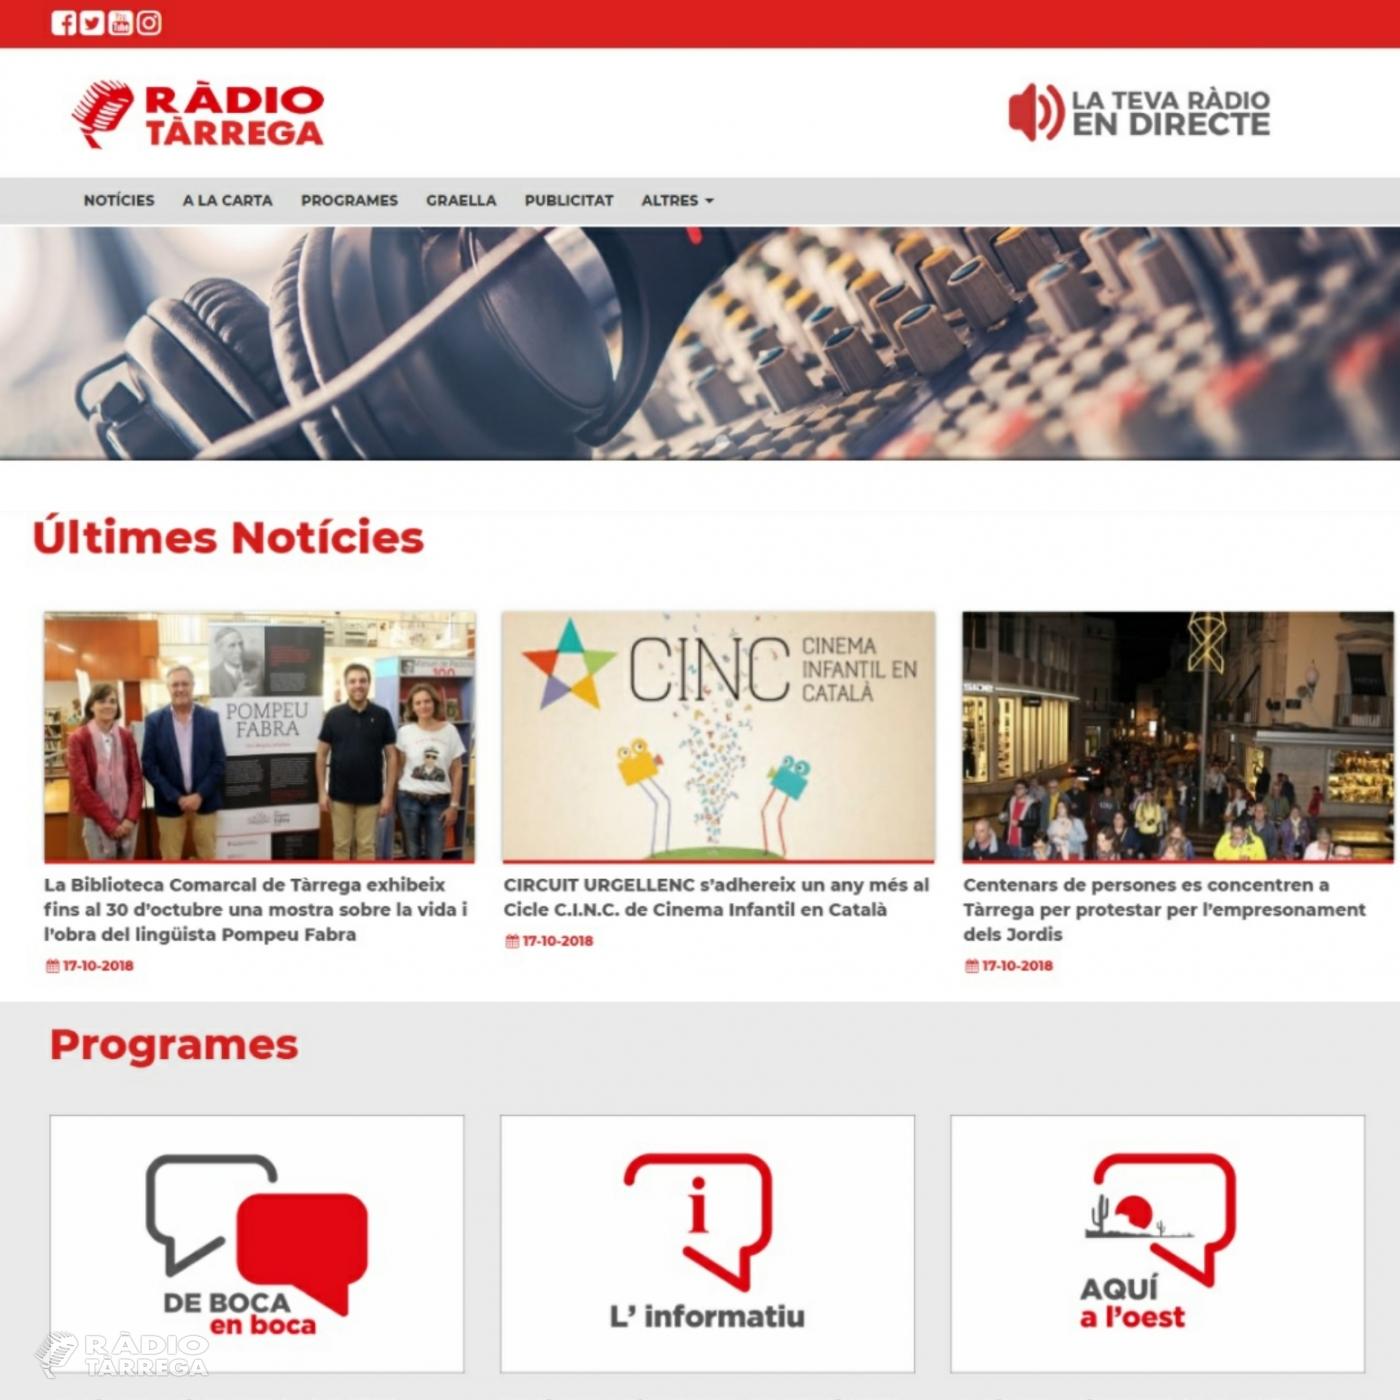 El portal web de l'emissora municipal Ràdio Tàrrega (92.3 FM) renova la seva imatge i continguts